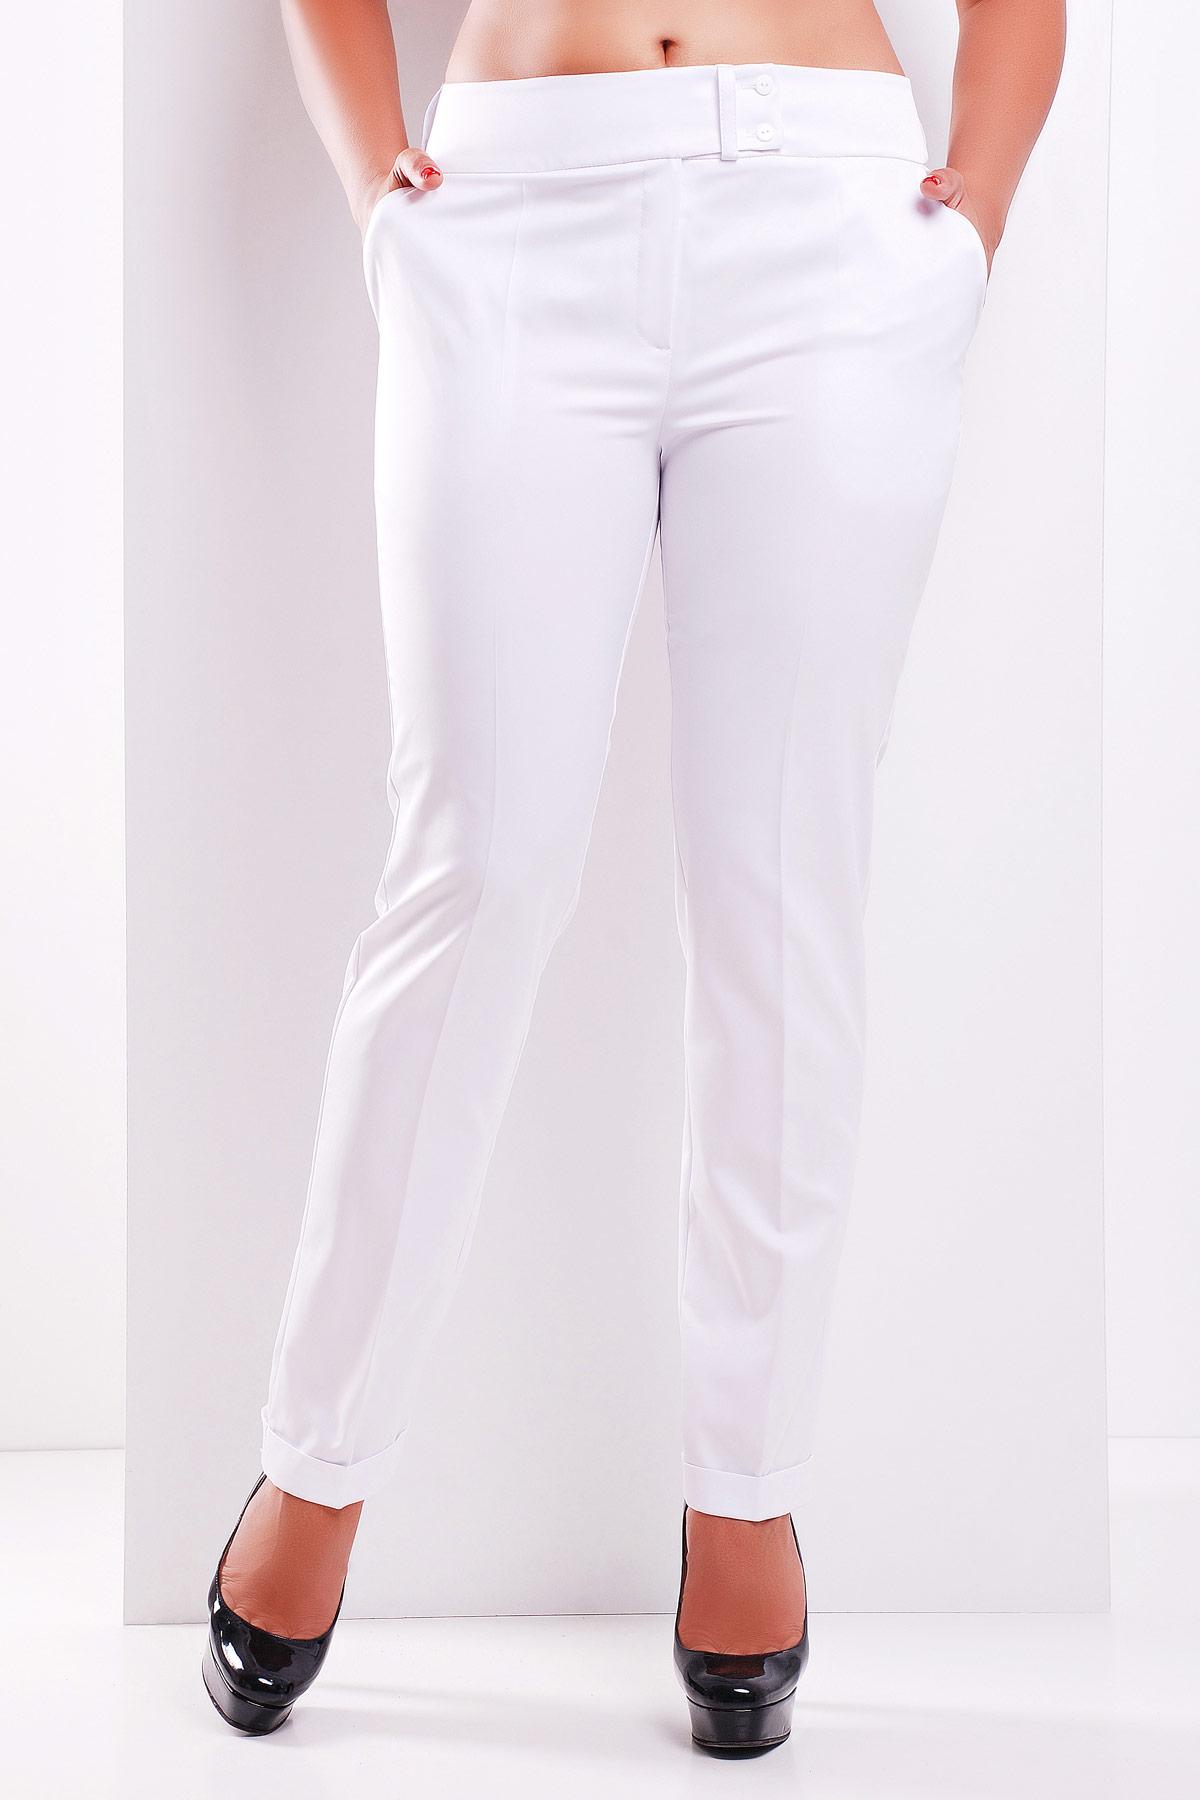 женские белые классические брюки большого размера. брюки Хилори-Б. Цвет: белый